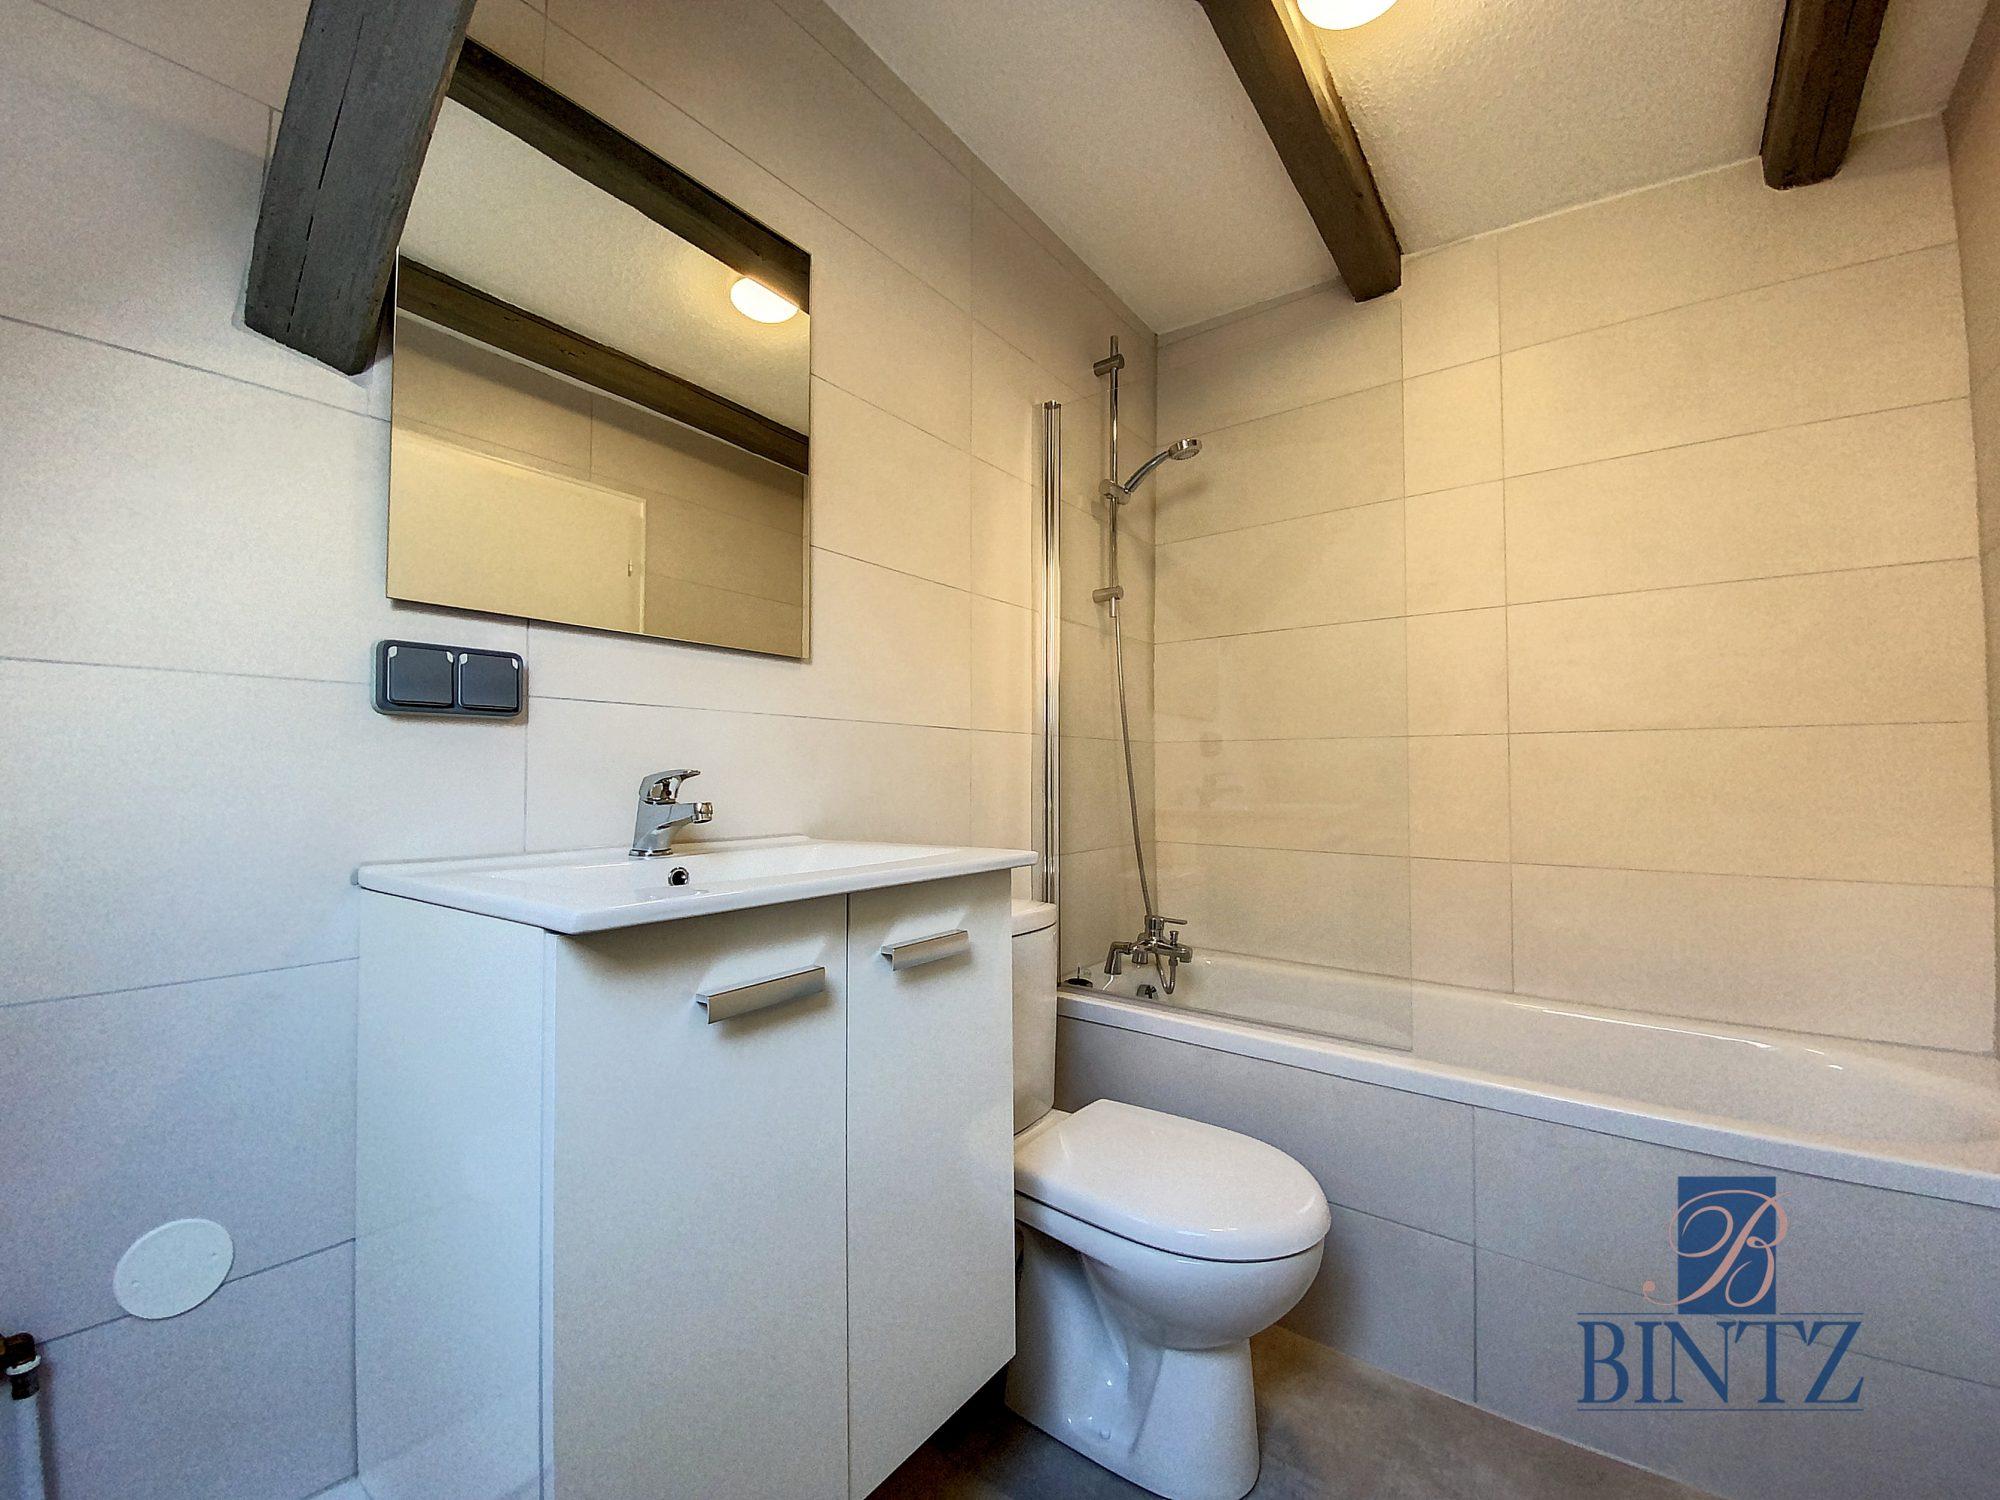 3/4 Pièces Centre-ville ROSHEIM - Devenez locataire en toute sérénité - Bintz Immobilier - 6